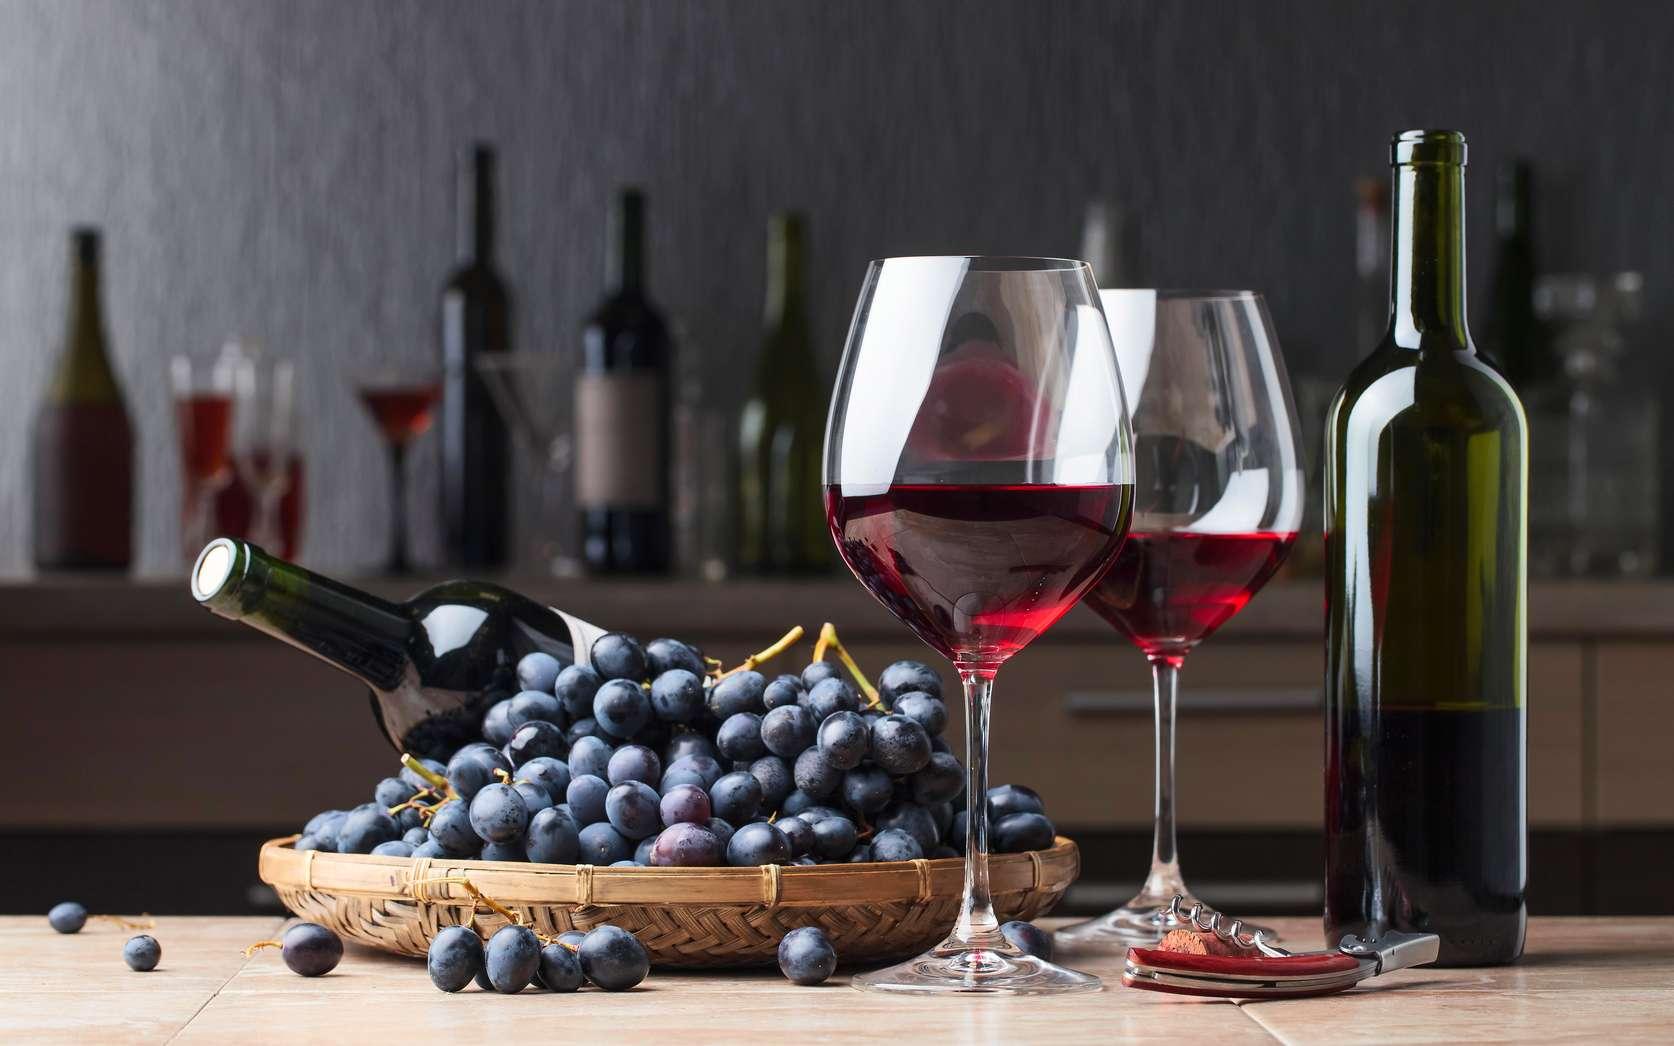 Les polyphénols sont des molécules au fort pouvoir oxydant présentes notamment dans le vin rouge. © Igor Normann, Fotolia